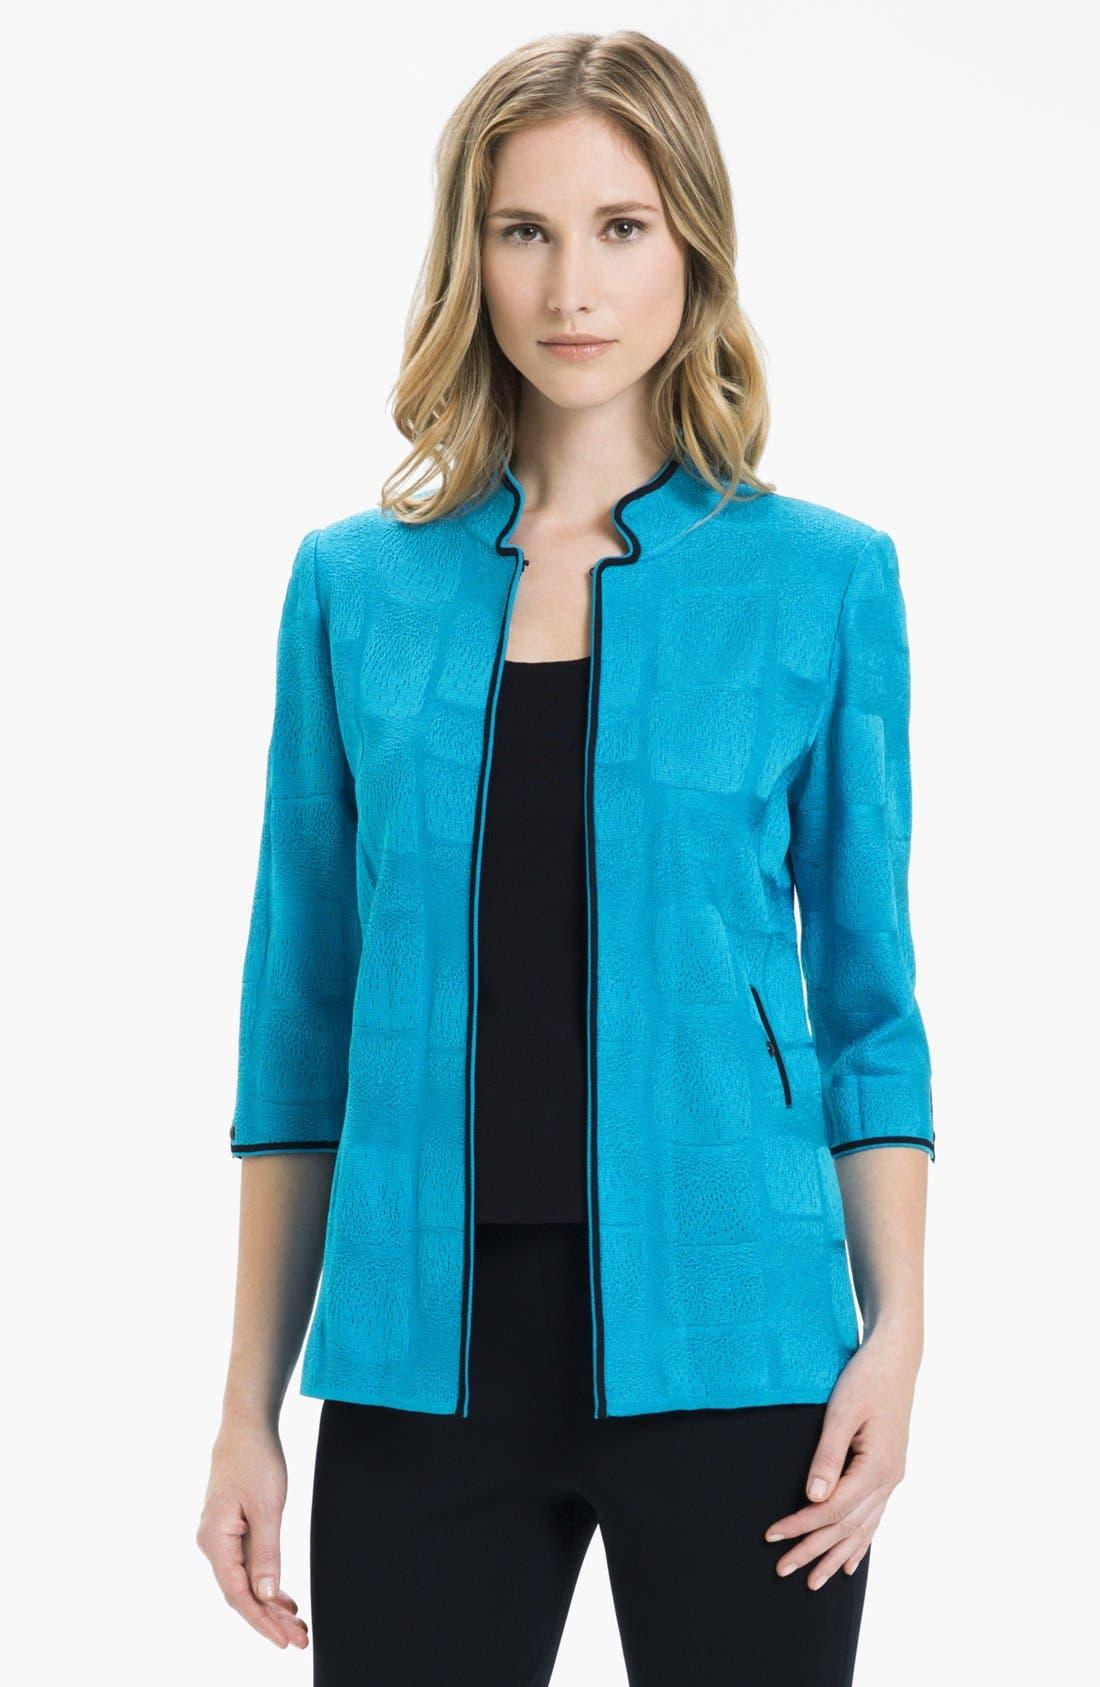 Alternate Image 1 Selected - Ming Wang Check Jacquard Knit Jacket